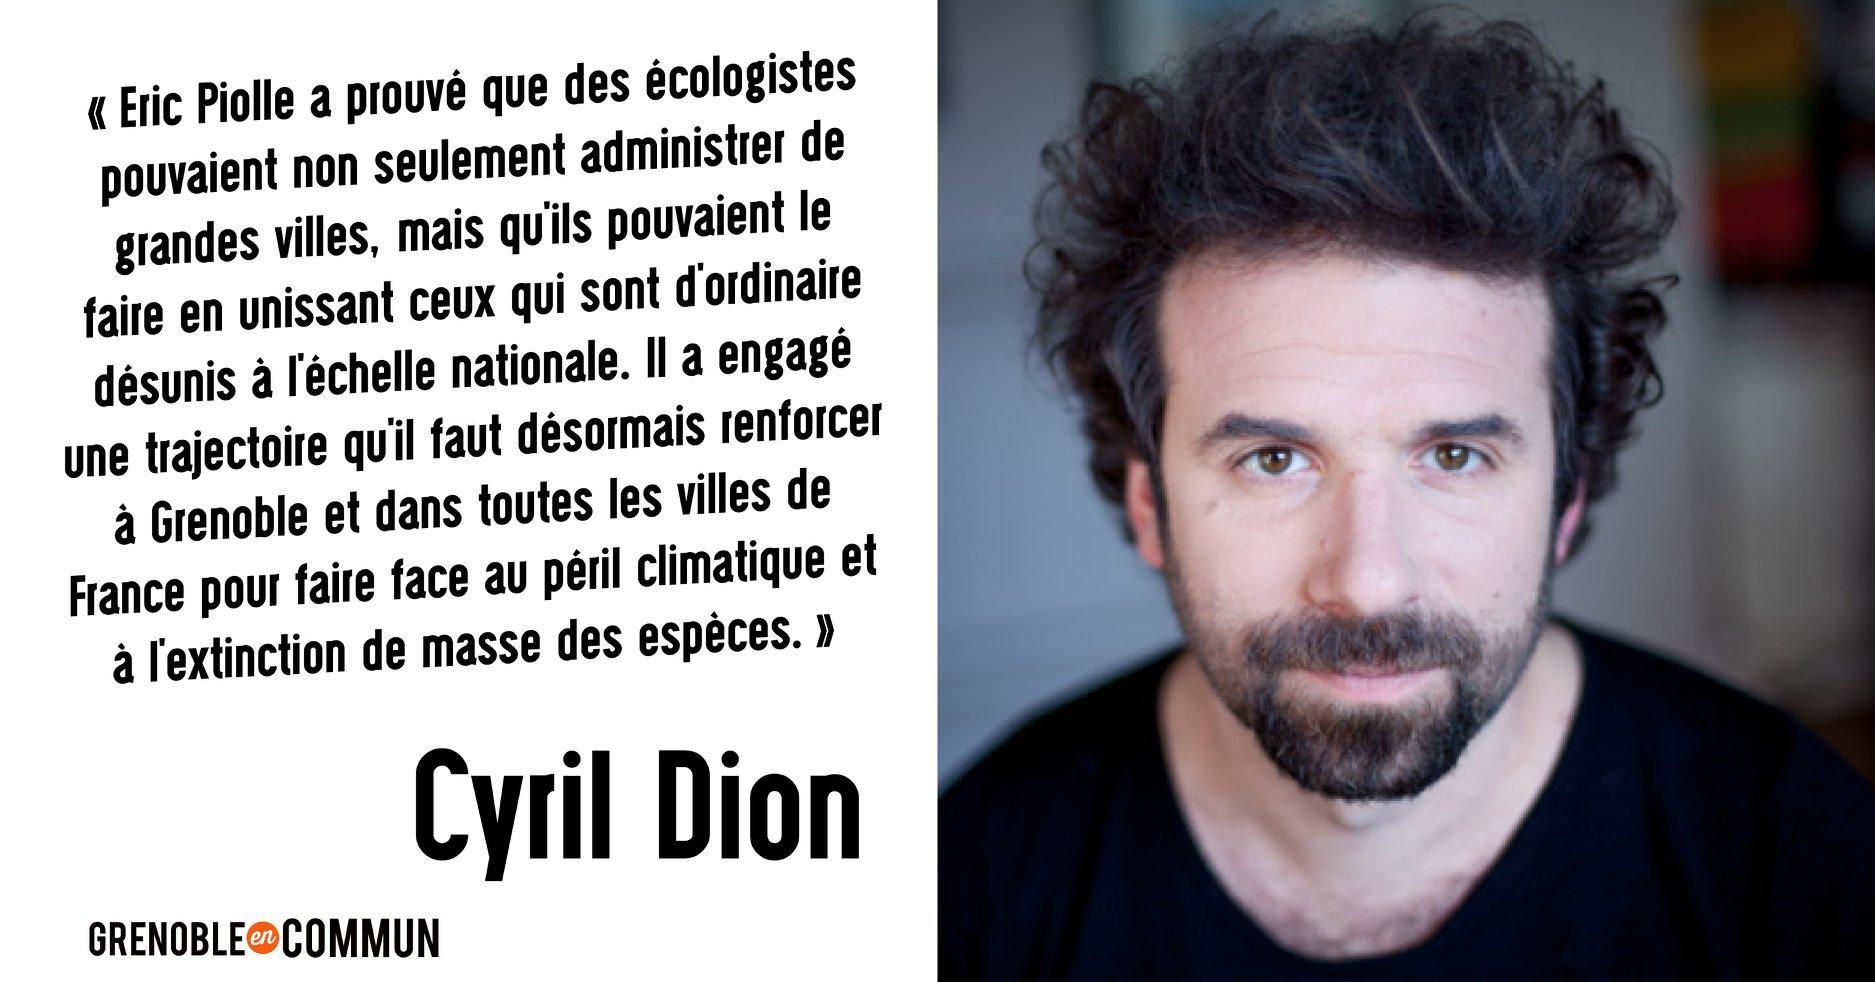 Cyril Dion soutient Eric Piolle